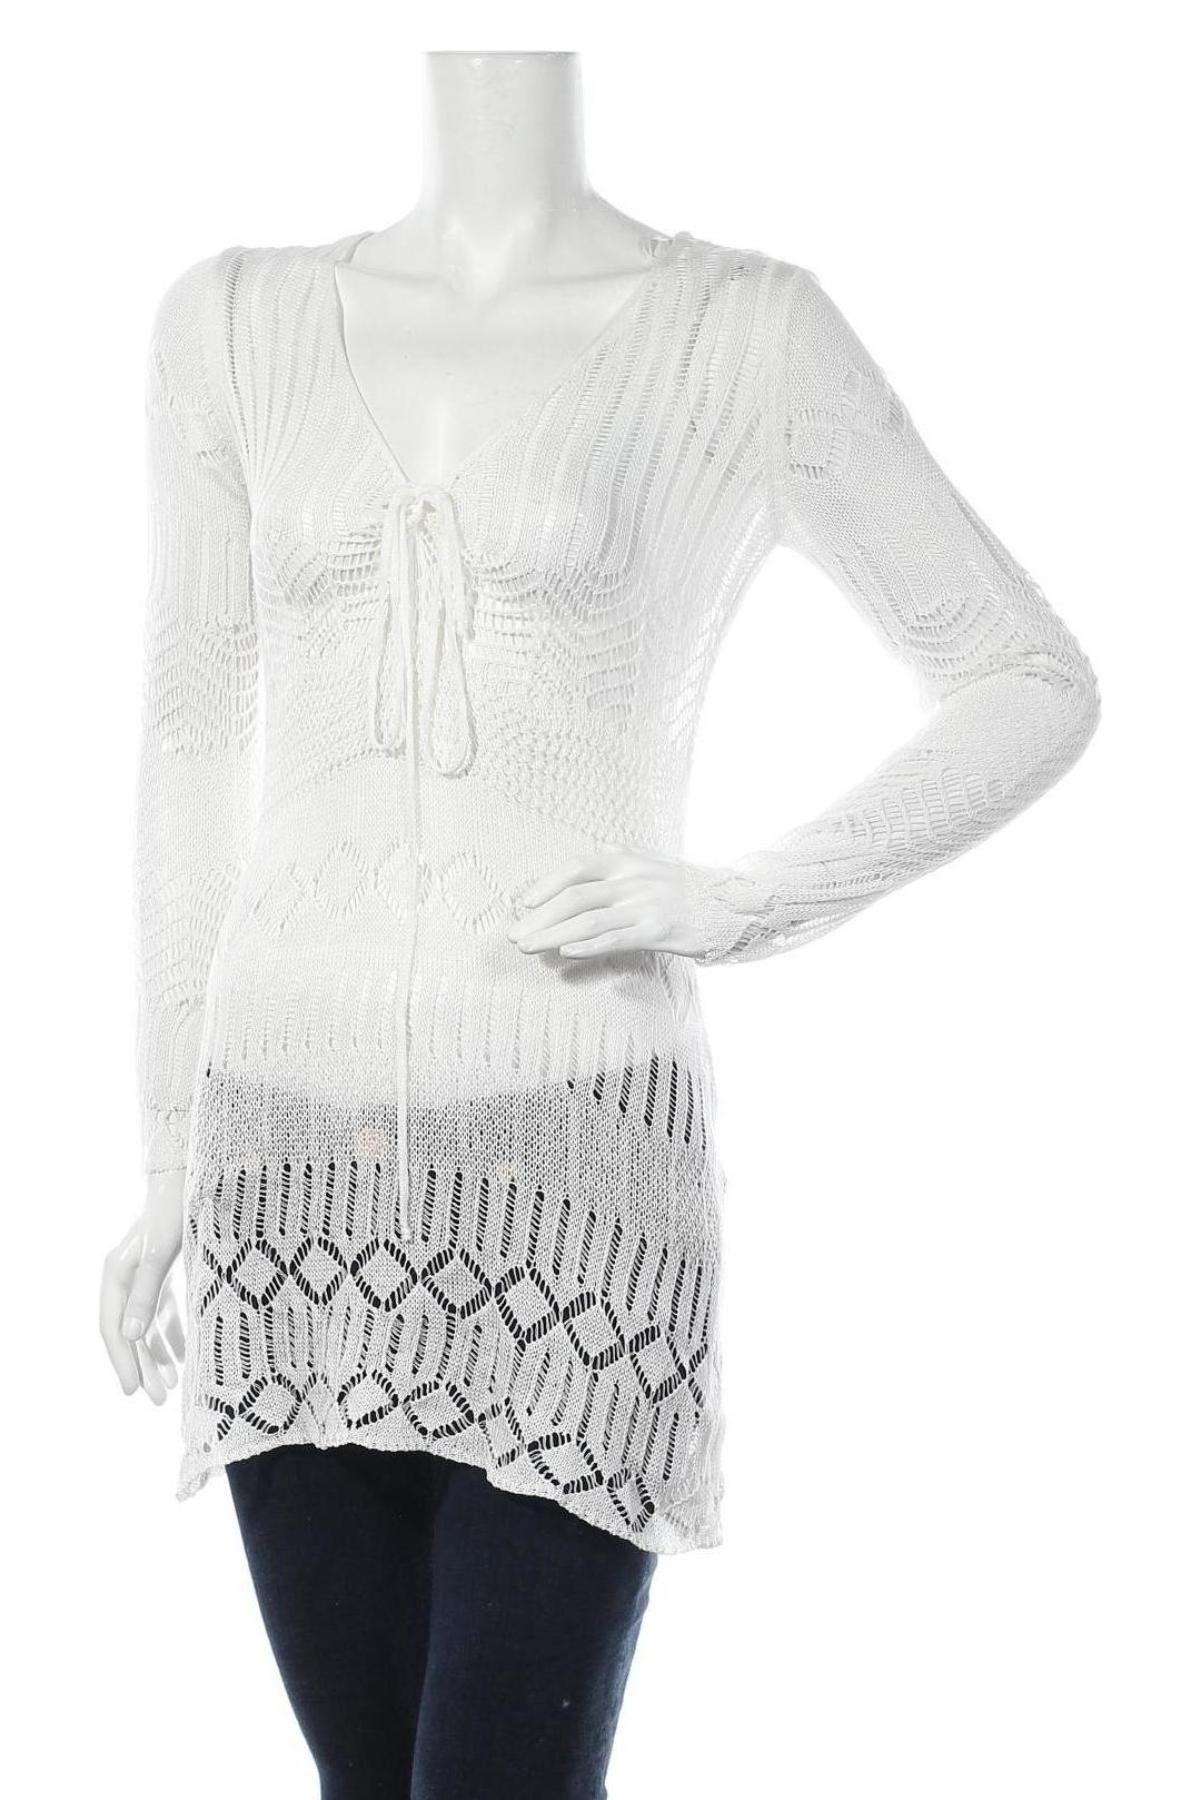 Τουνίκ Missguided, Μέγεθος XS, Χρώμα Λευκό, Πολυεστέρας, Τιμή 5,67€